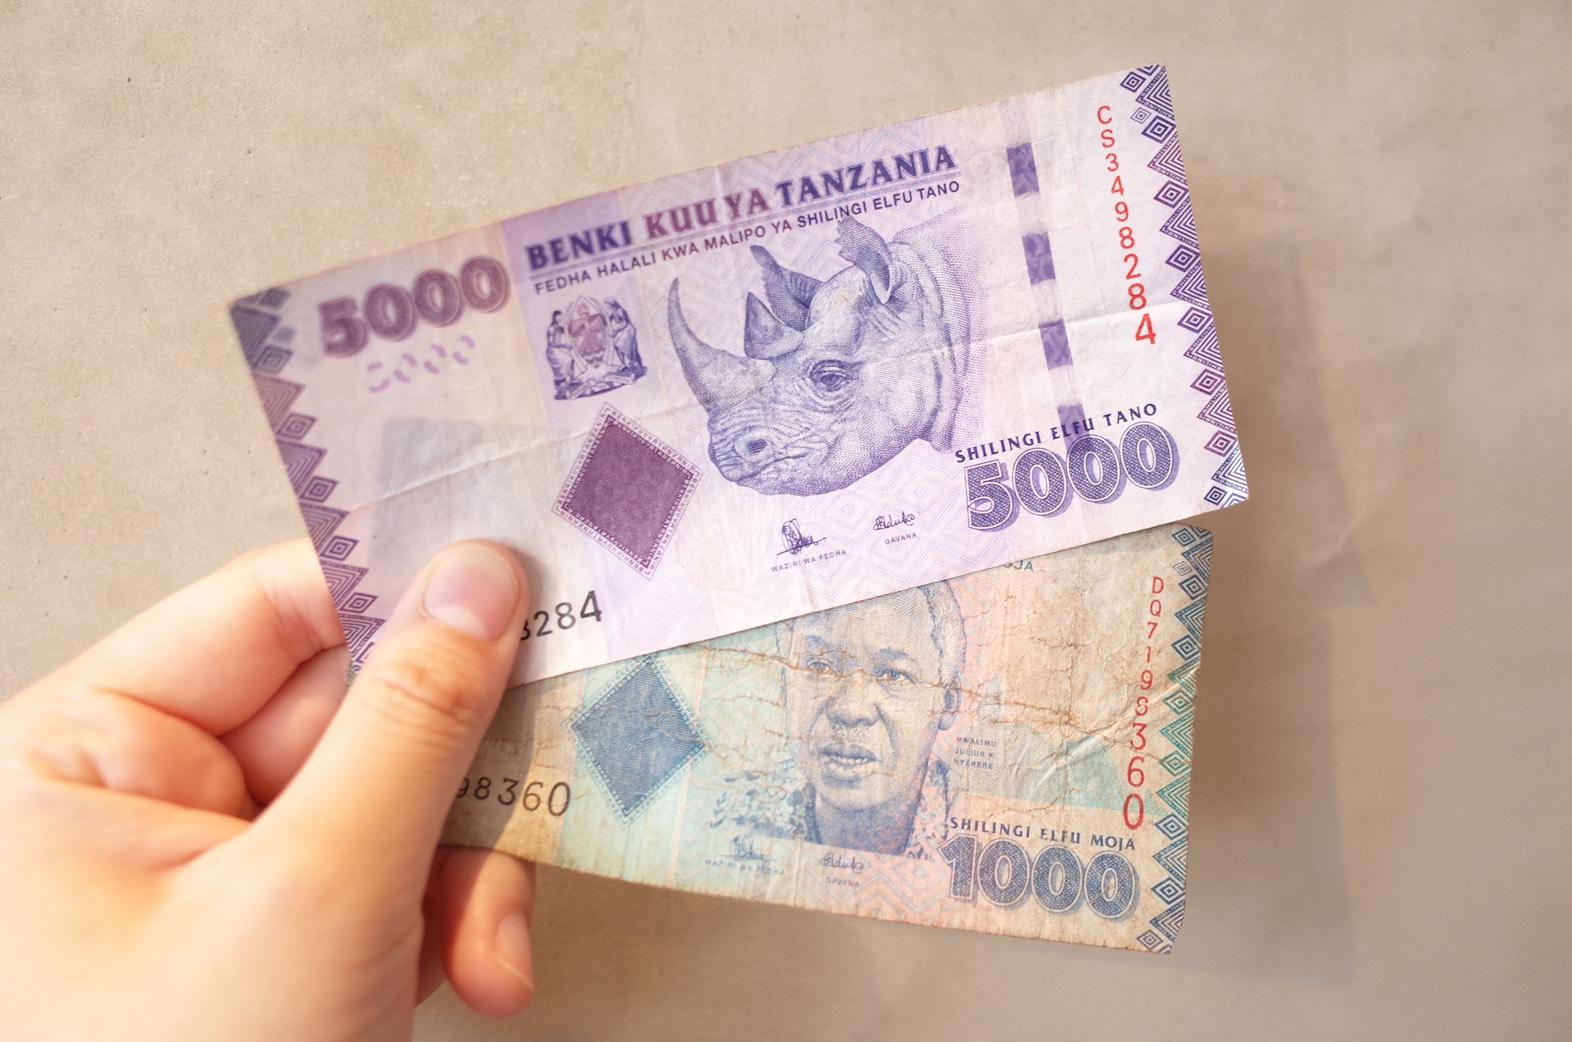 「タンザニアってどんなところ?」第8弾~タンザニアの物価事情~100円はいくら?!